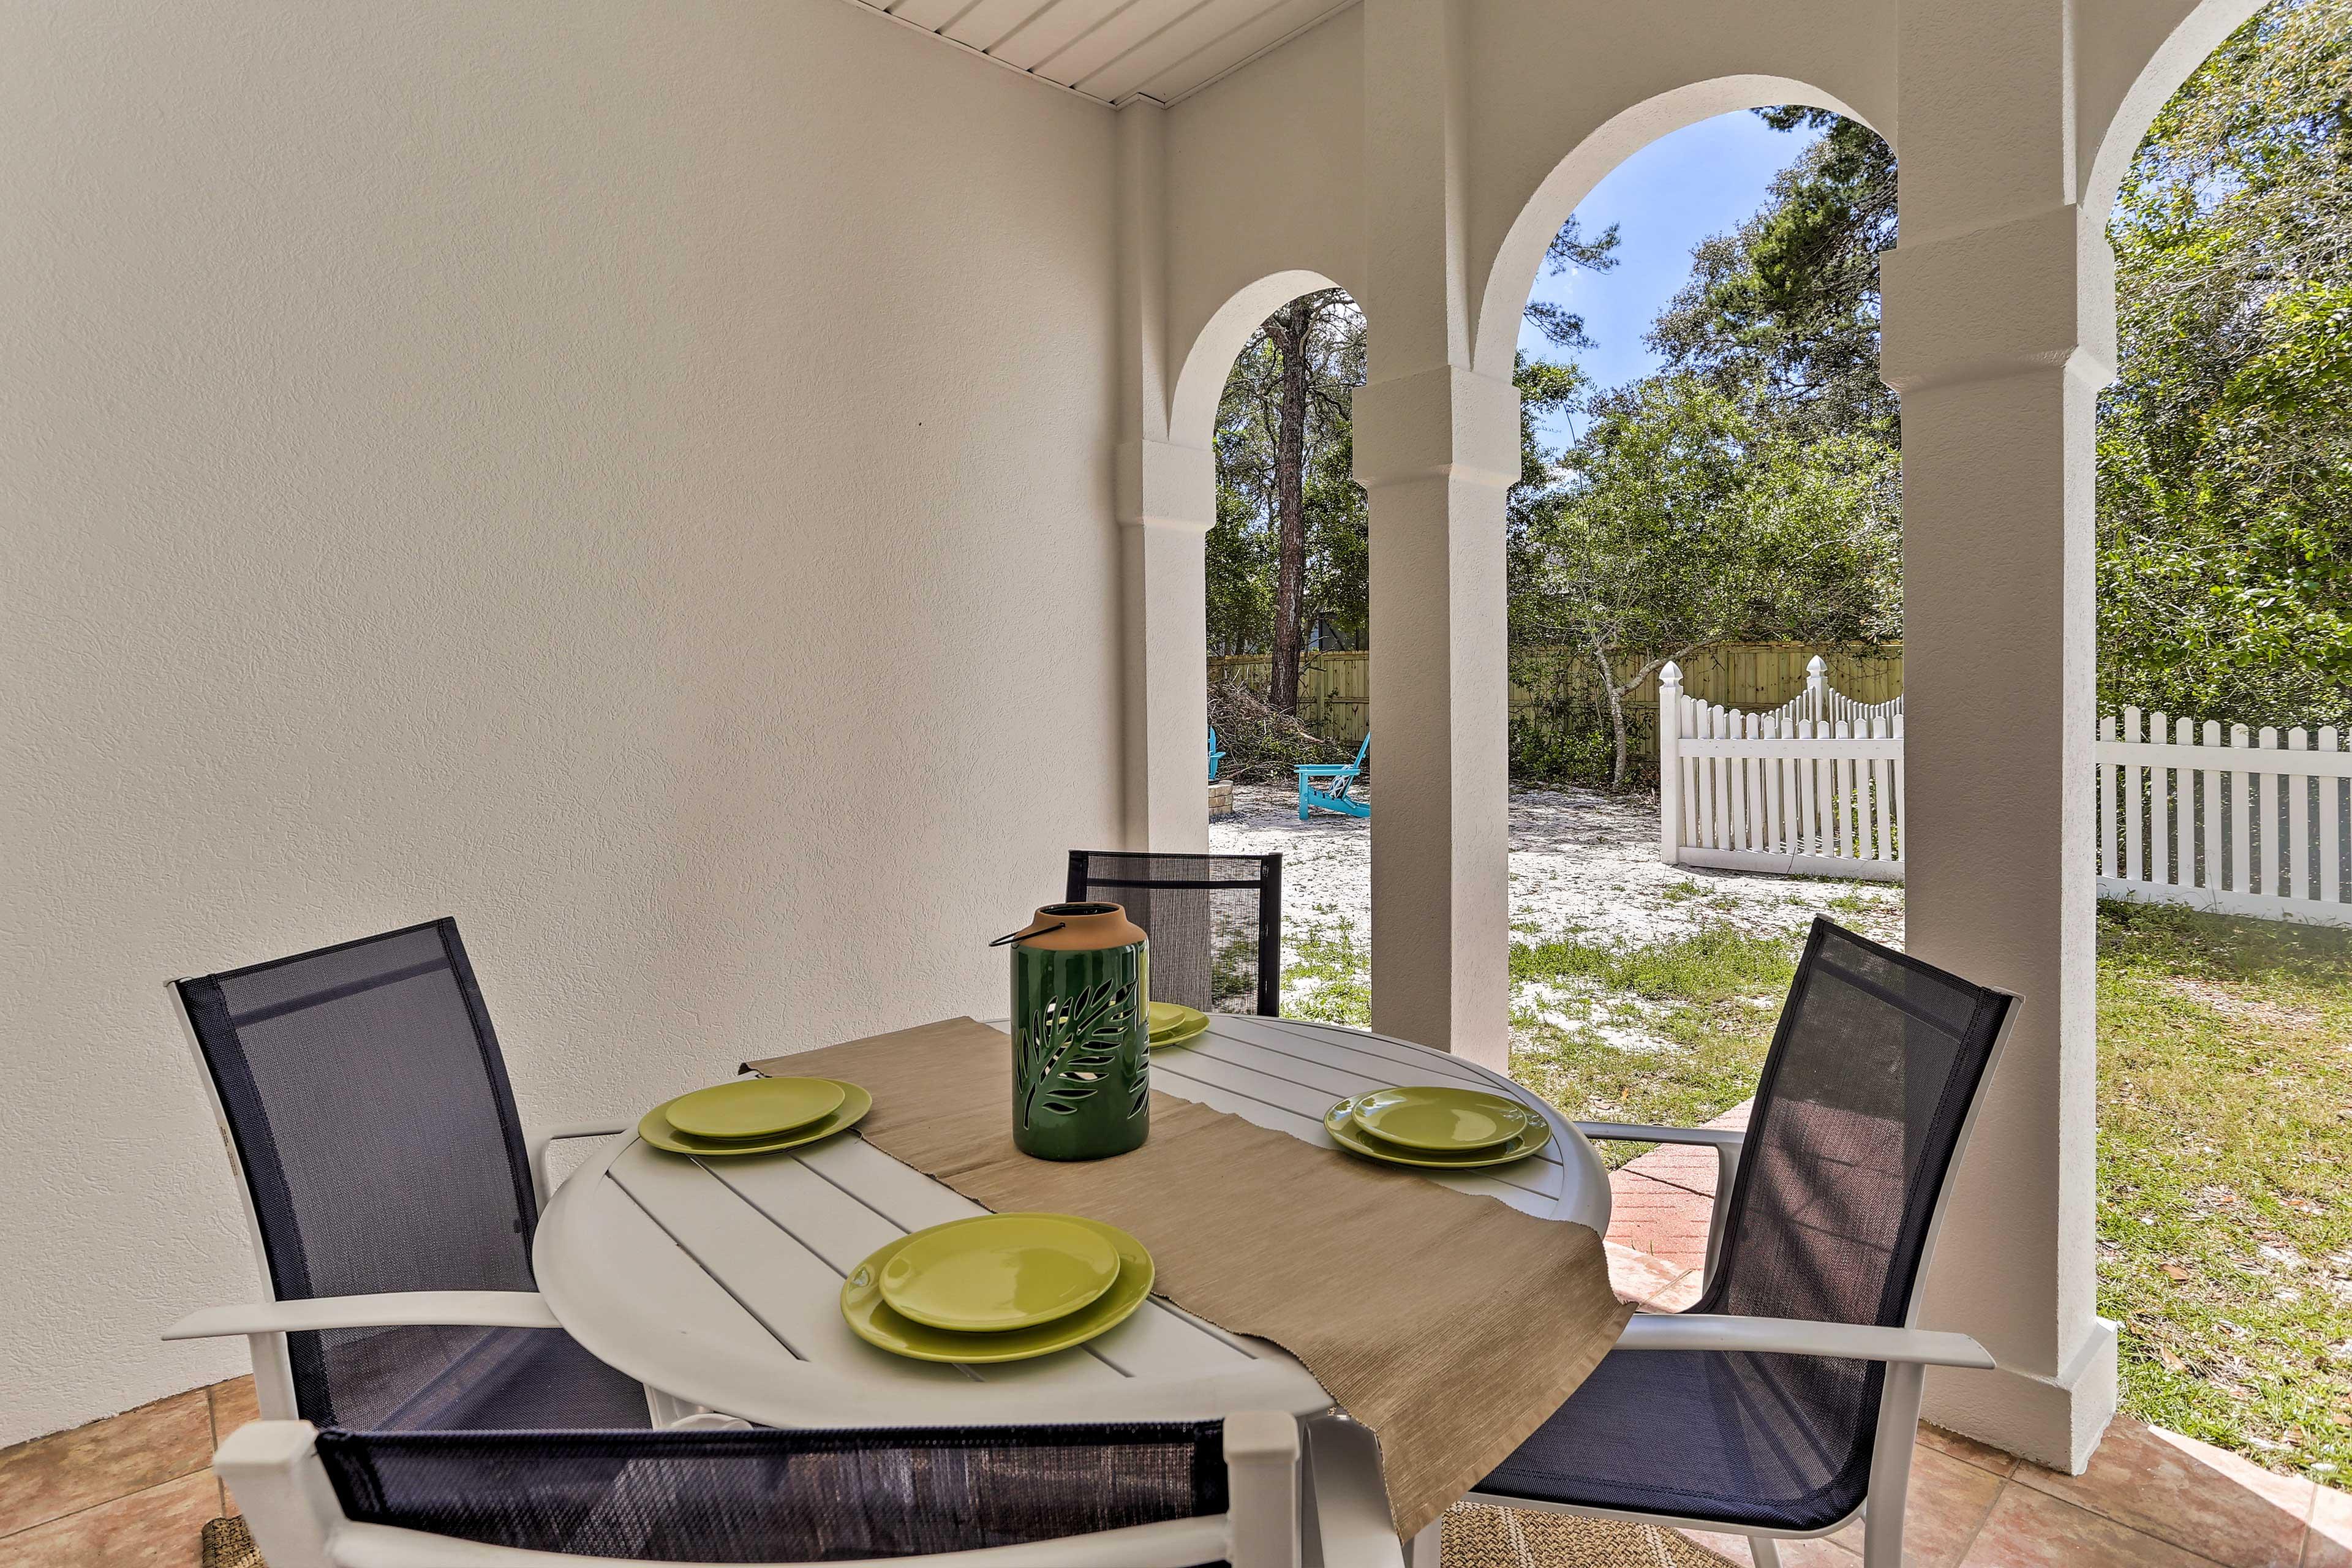 Dine al fresco at the 4-person patio table!